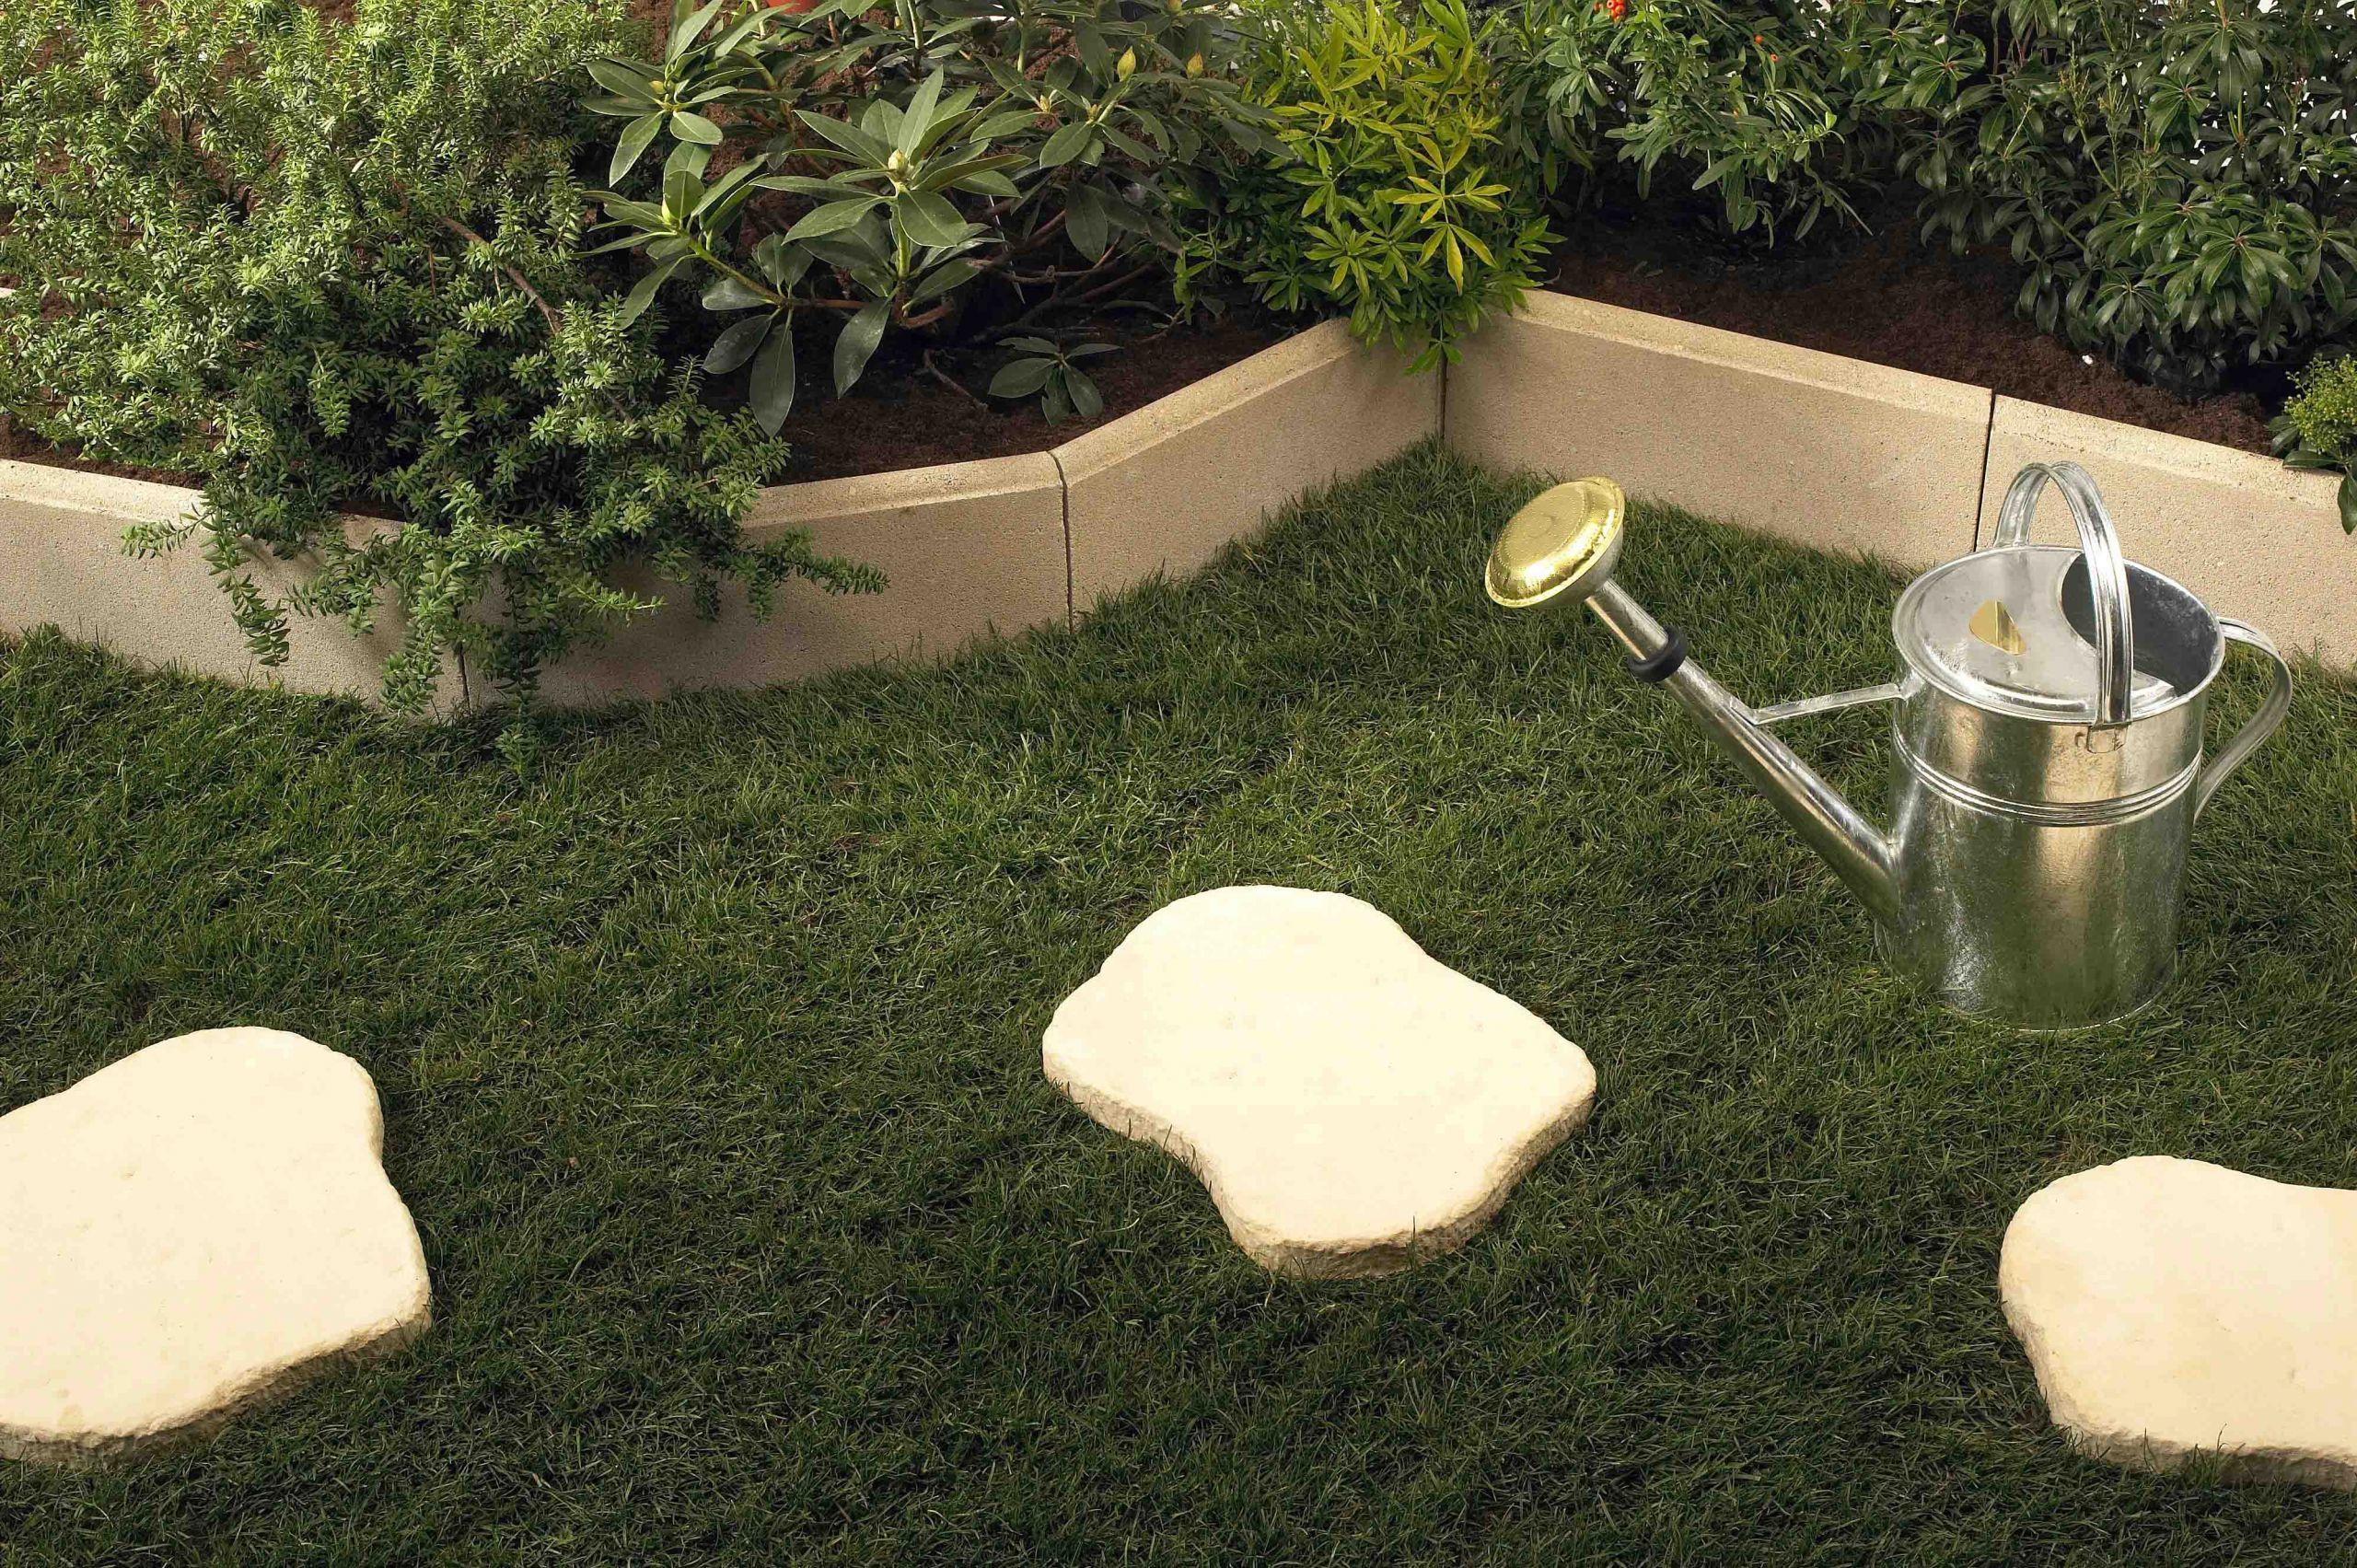 Modele De Jardin Japonais Concept - Idees Conception Jardin à Modele De Jardin Avec Galets